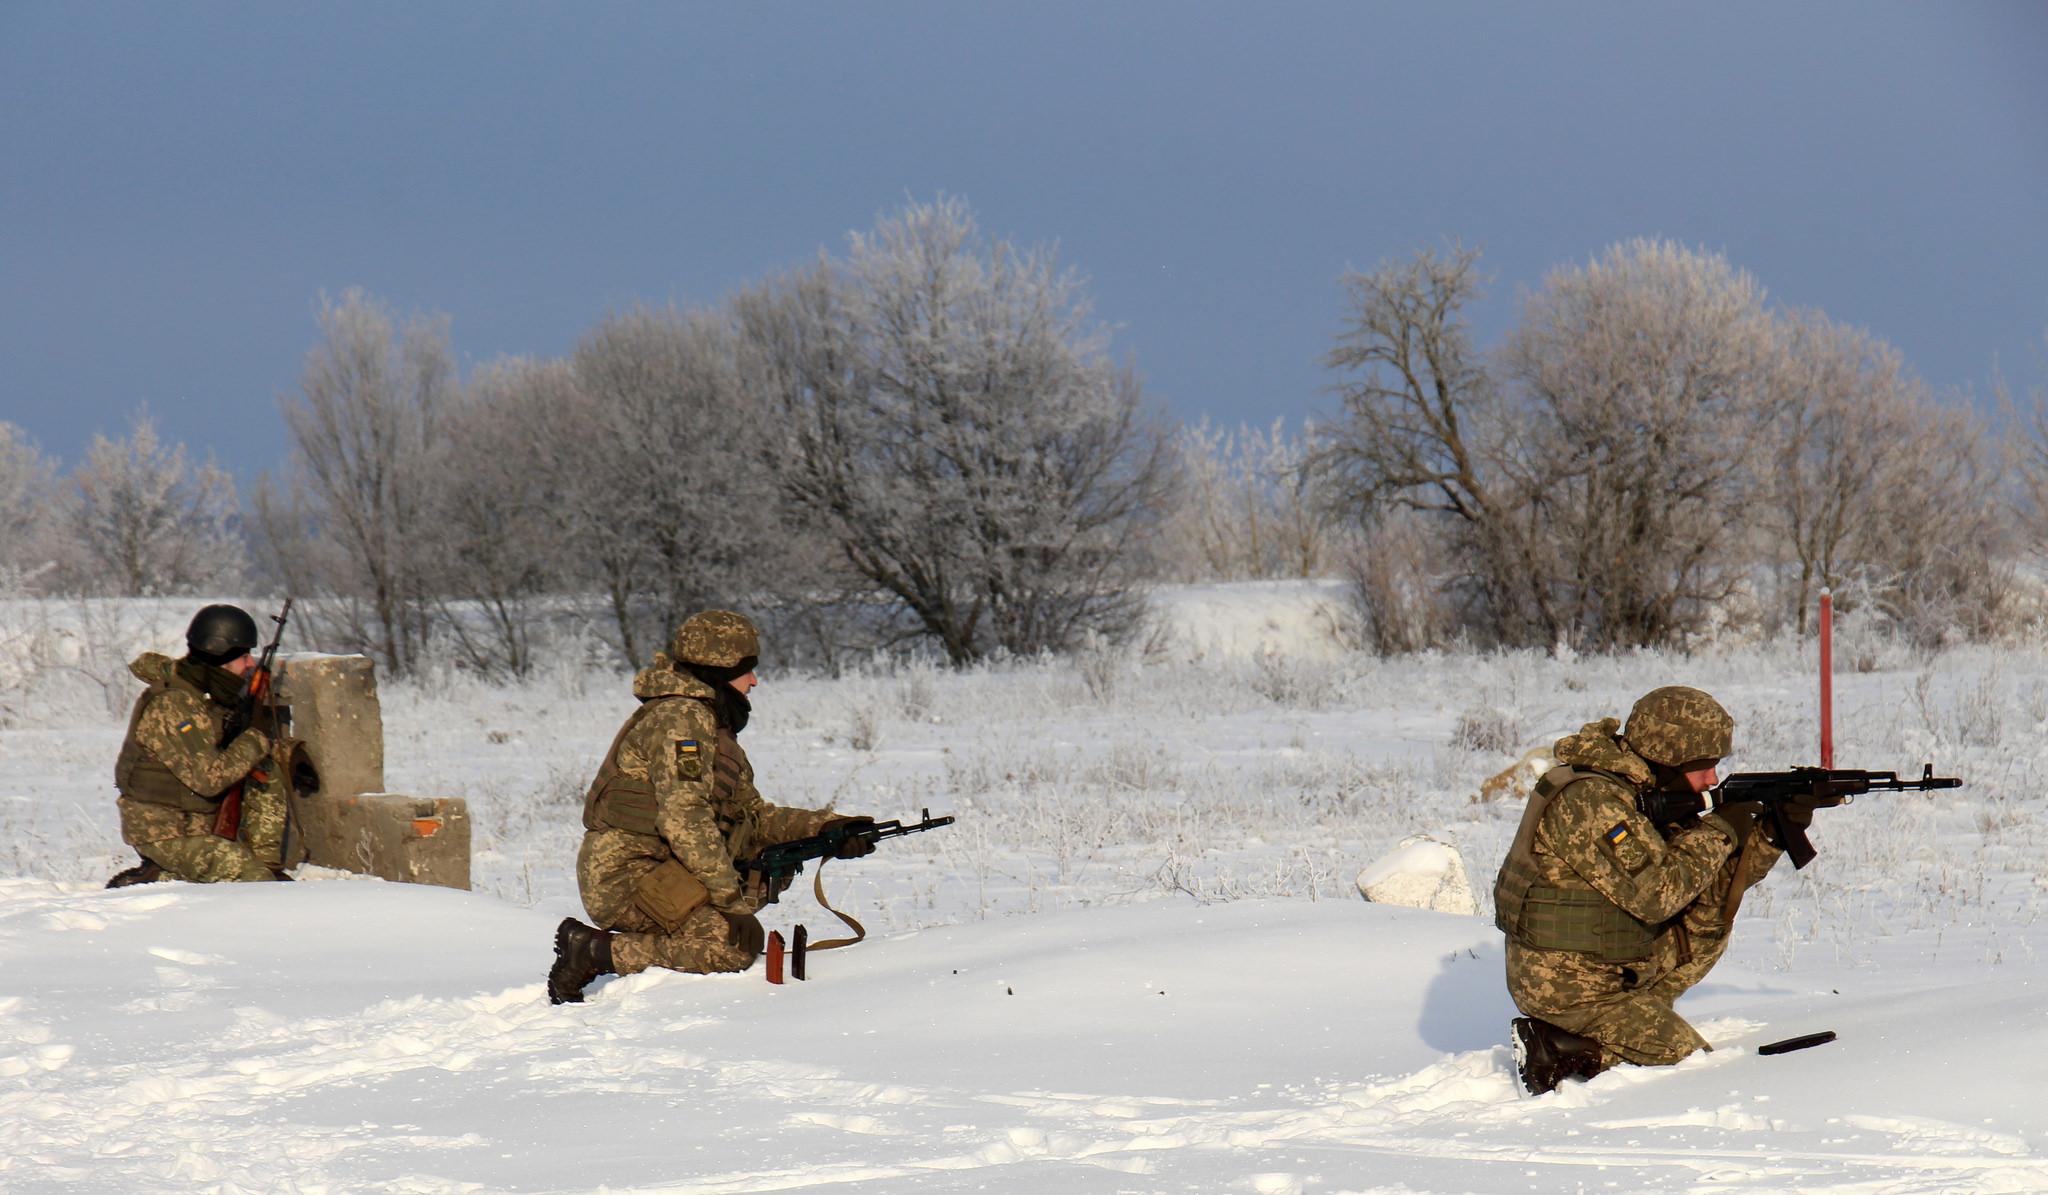 Нові підрозділи та іноземні інструктори – що відбулося у ЗСУ протягом тижня